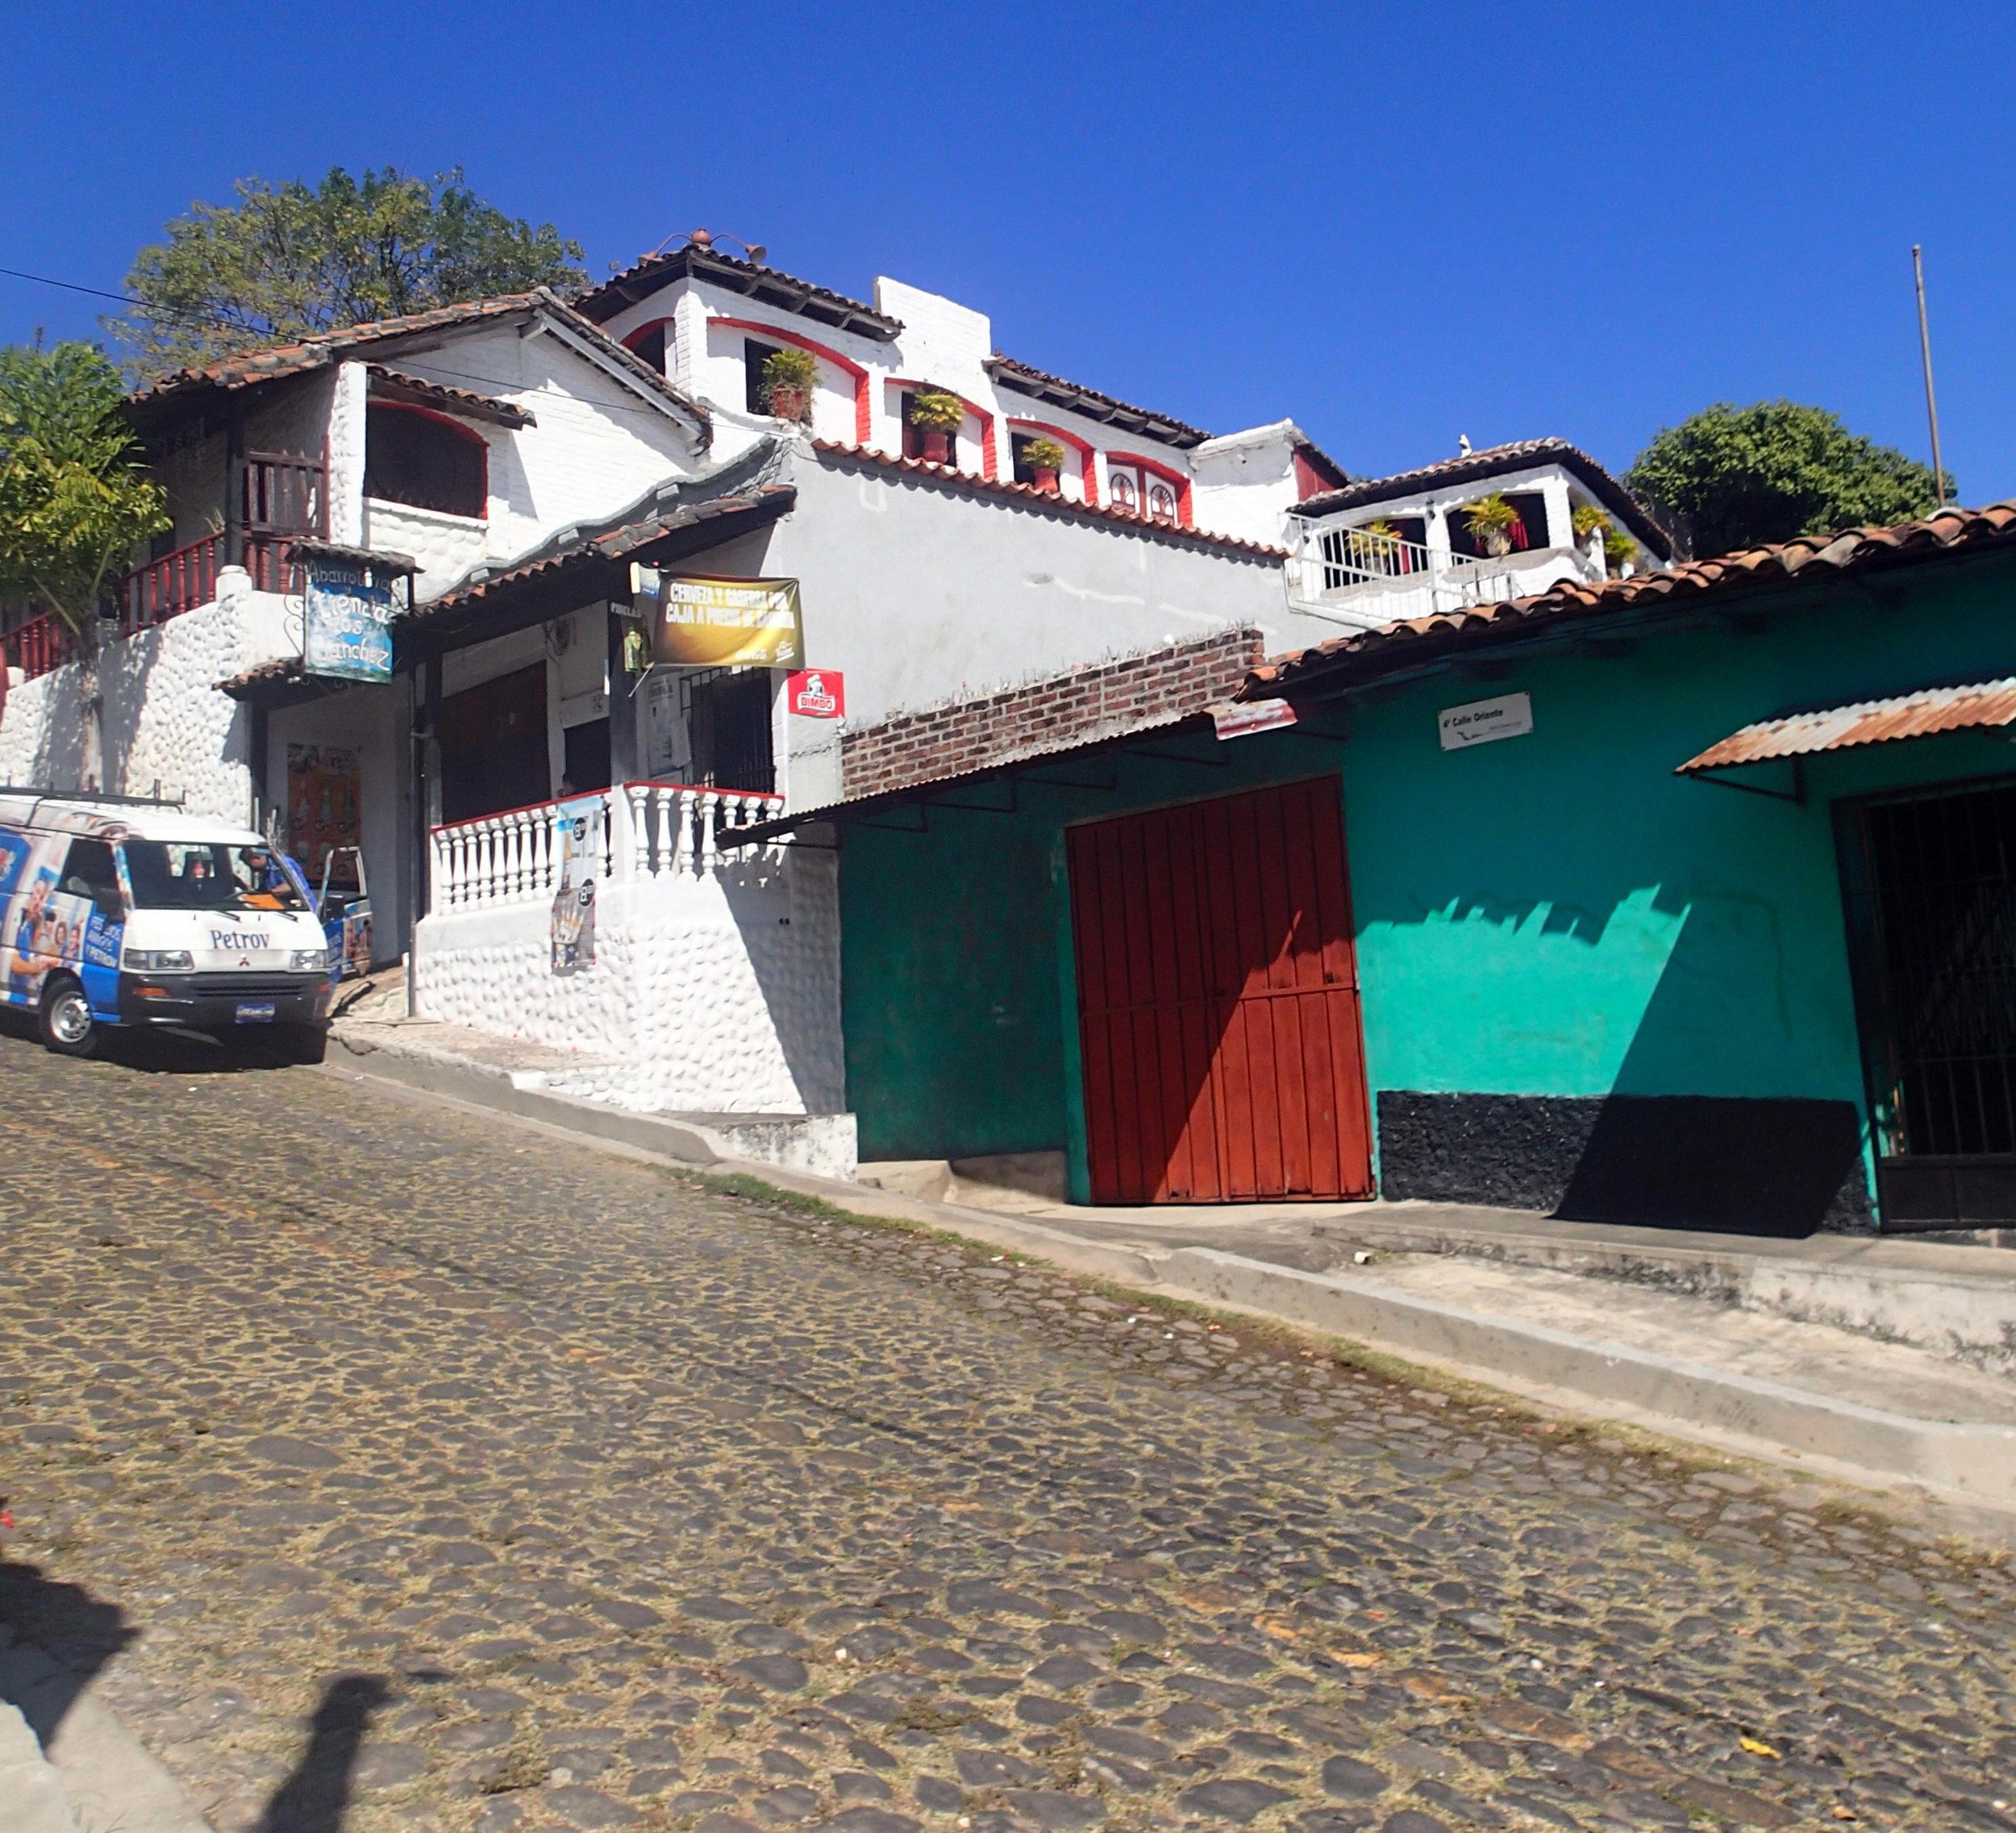 Hostal Los Sanchez 12-16-14.jpg